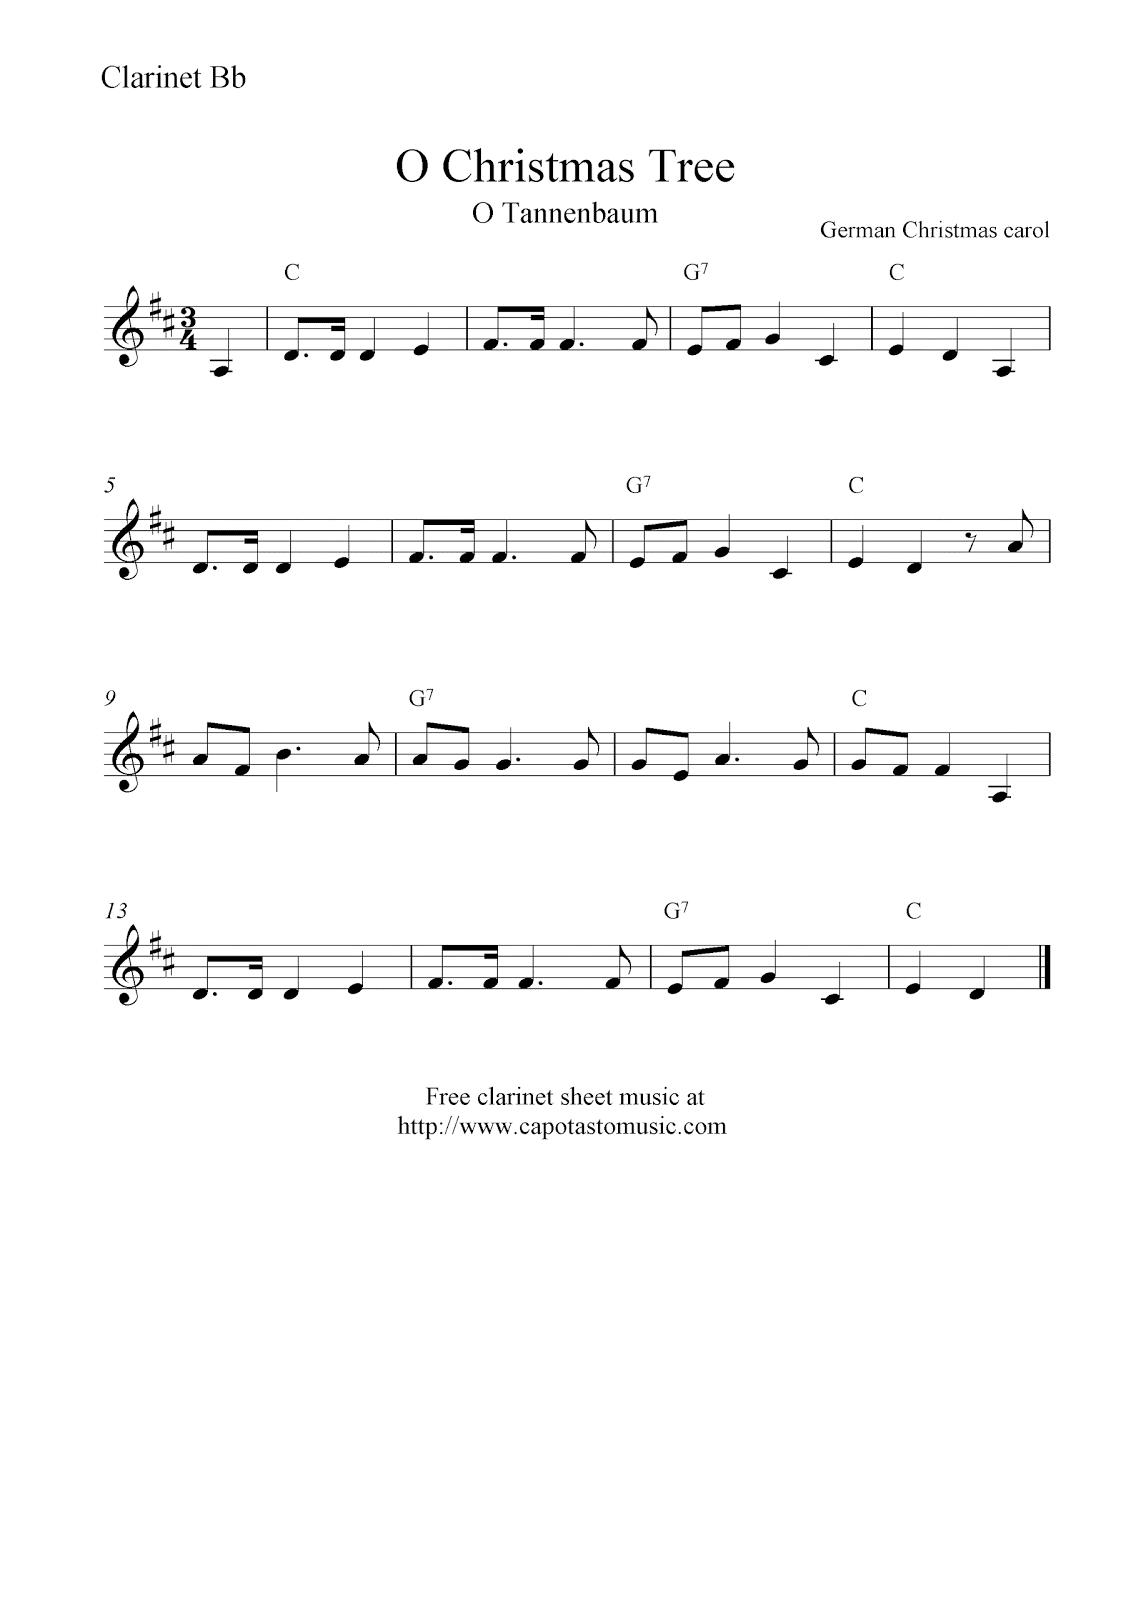 Ridiculous image regarding free printable clarinet sheet music